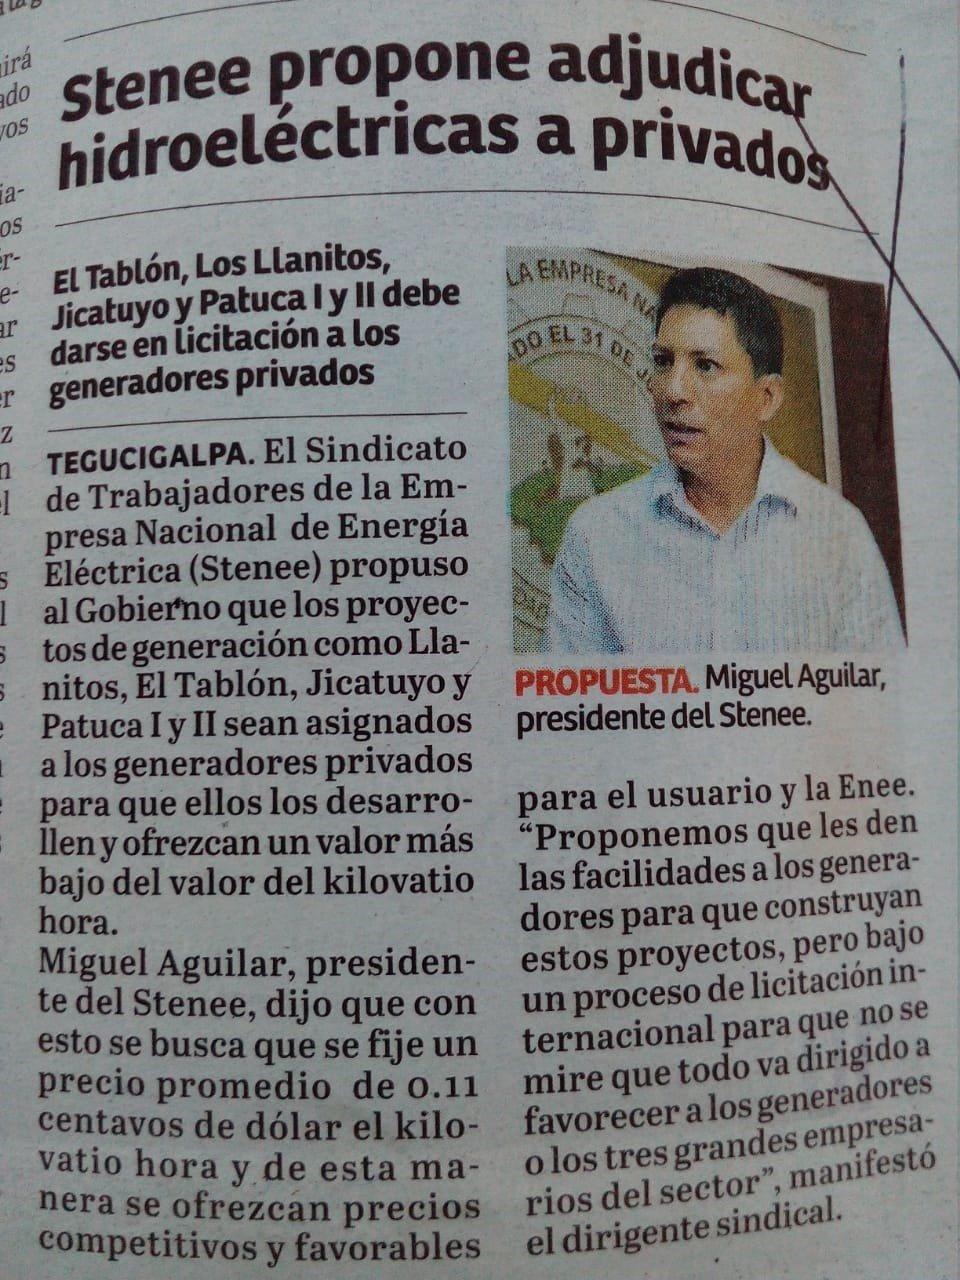 Declaraciones del Presidente Aguilar